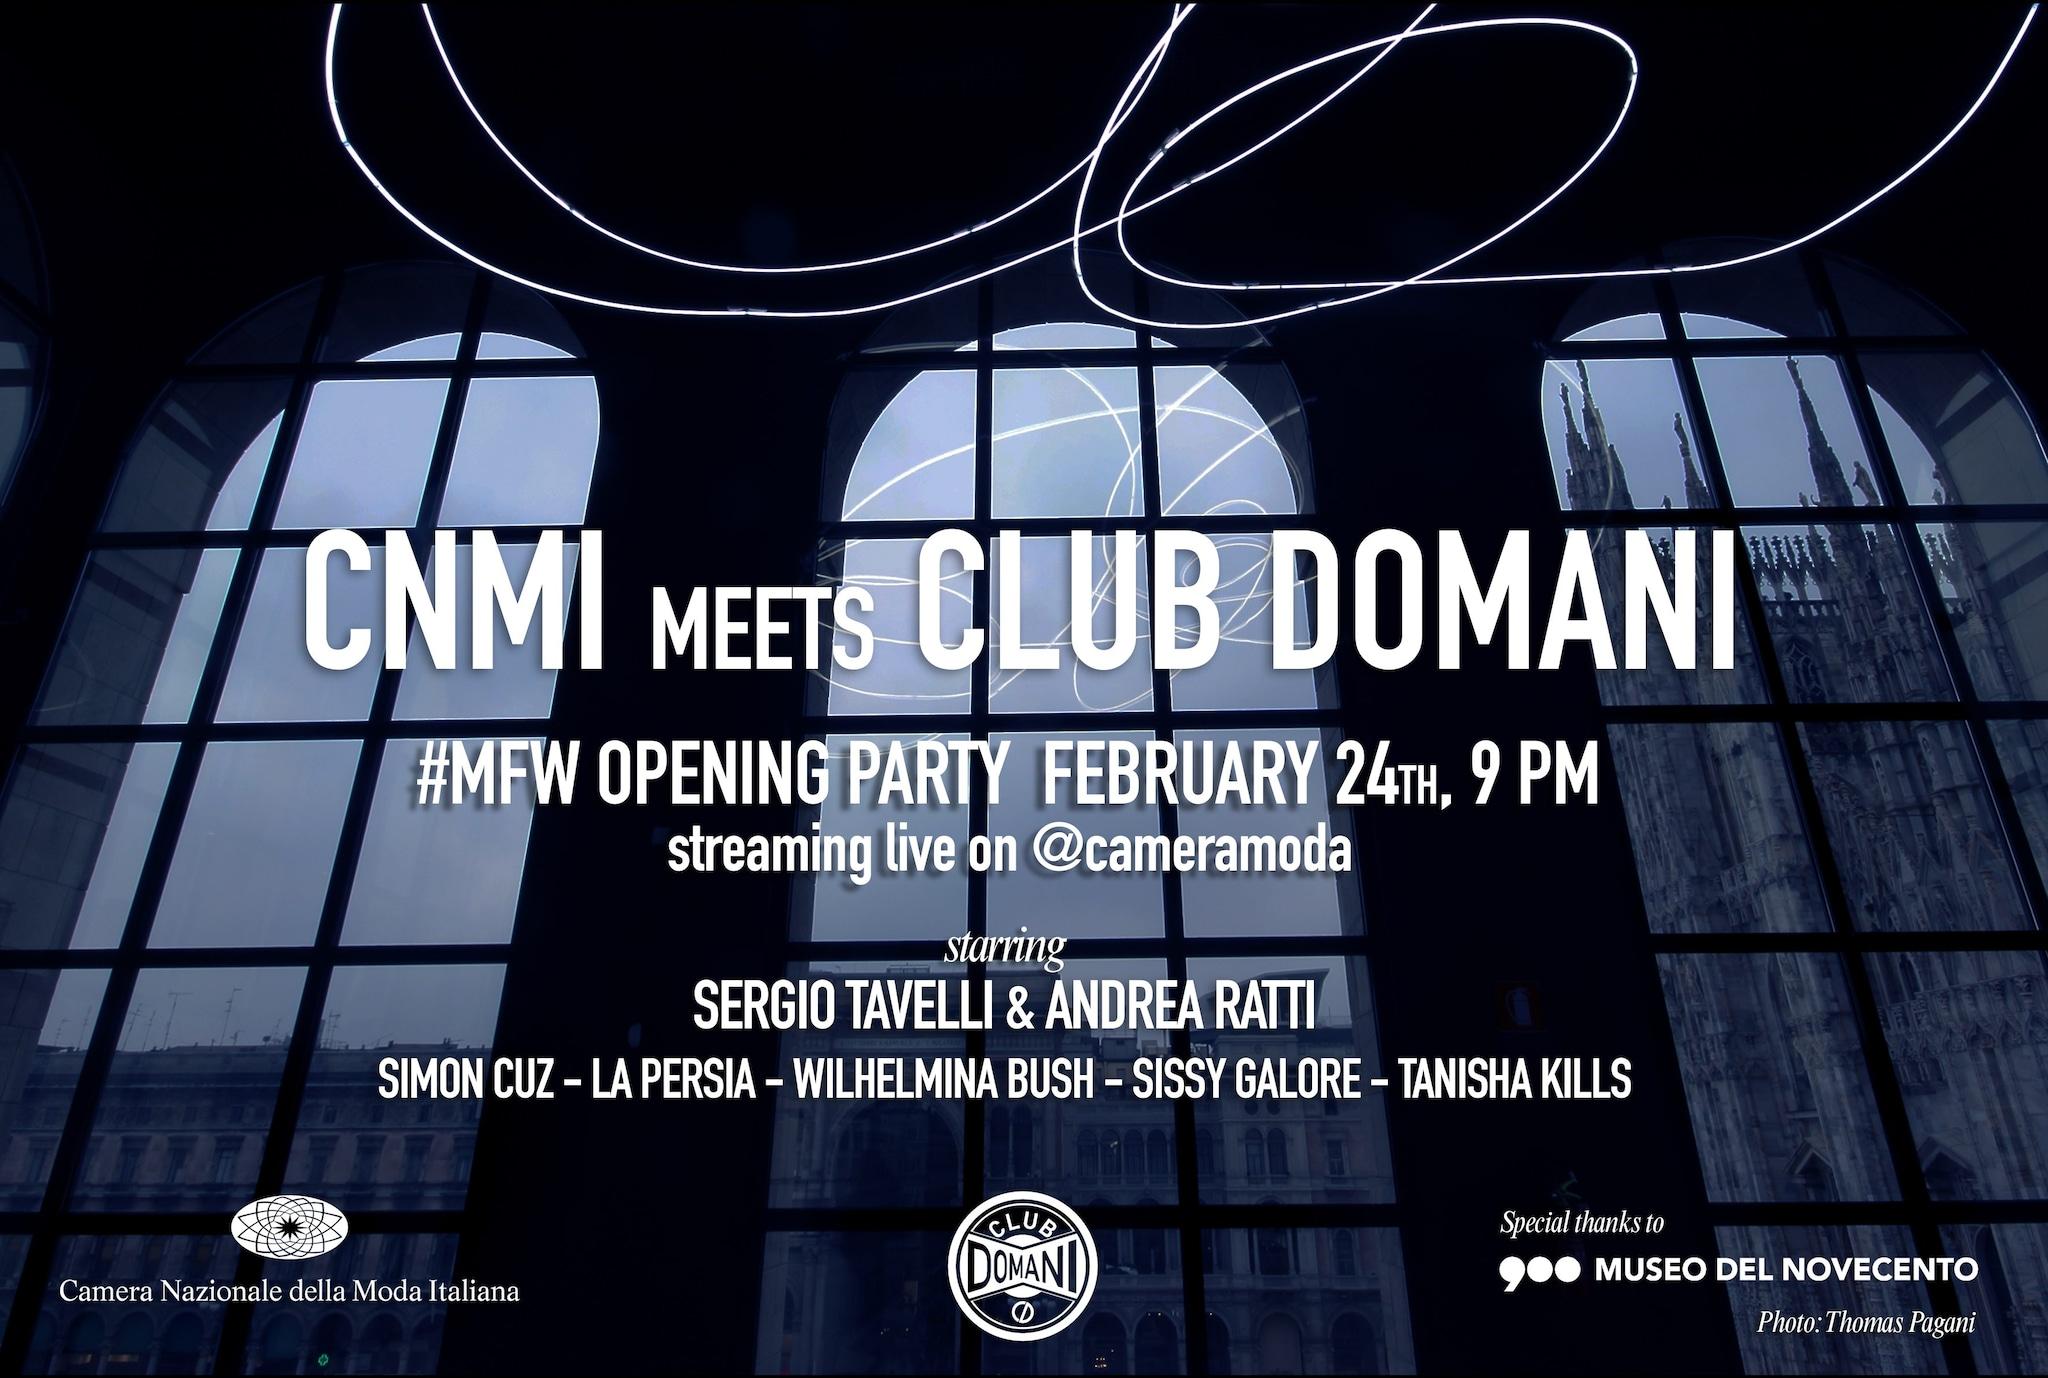 La locandina dell'evento CNMI meets Club Domani